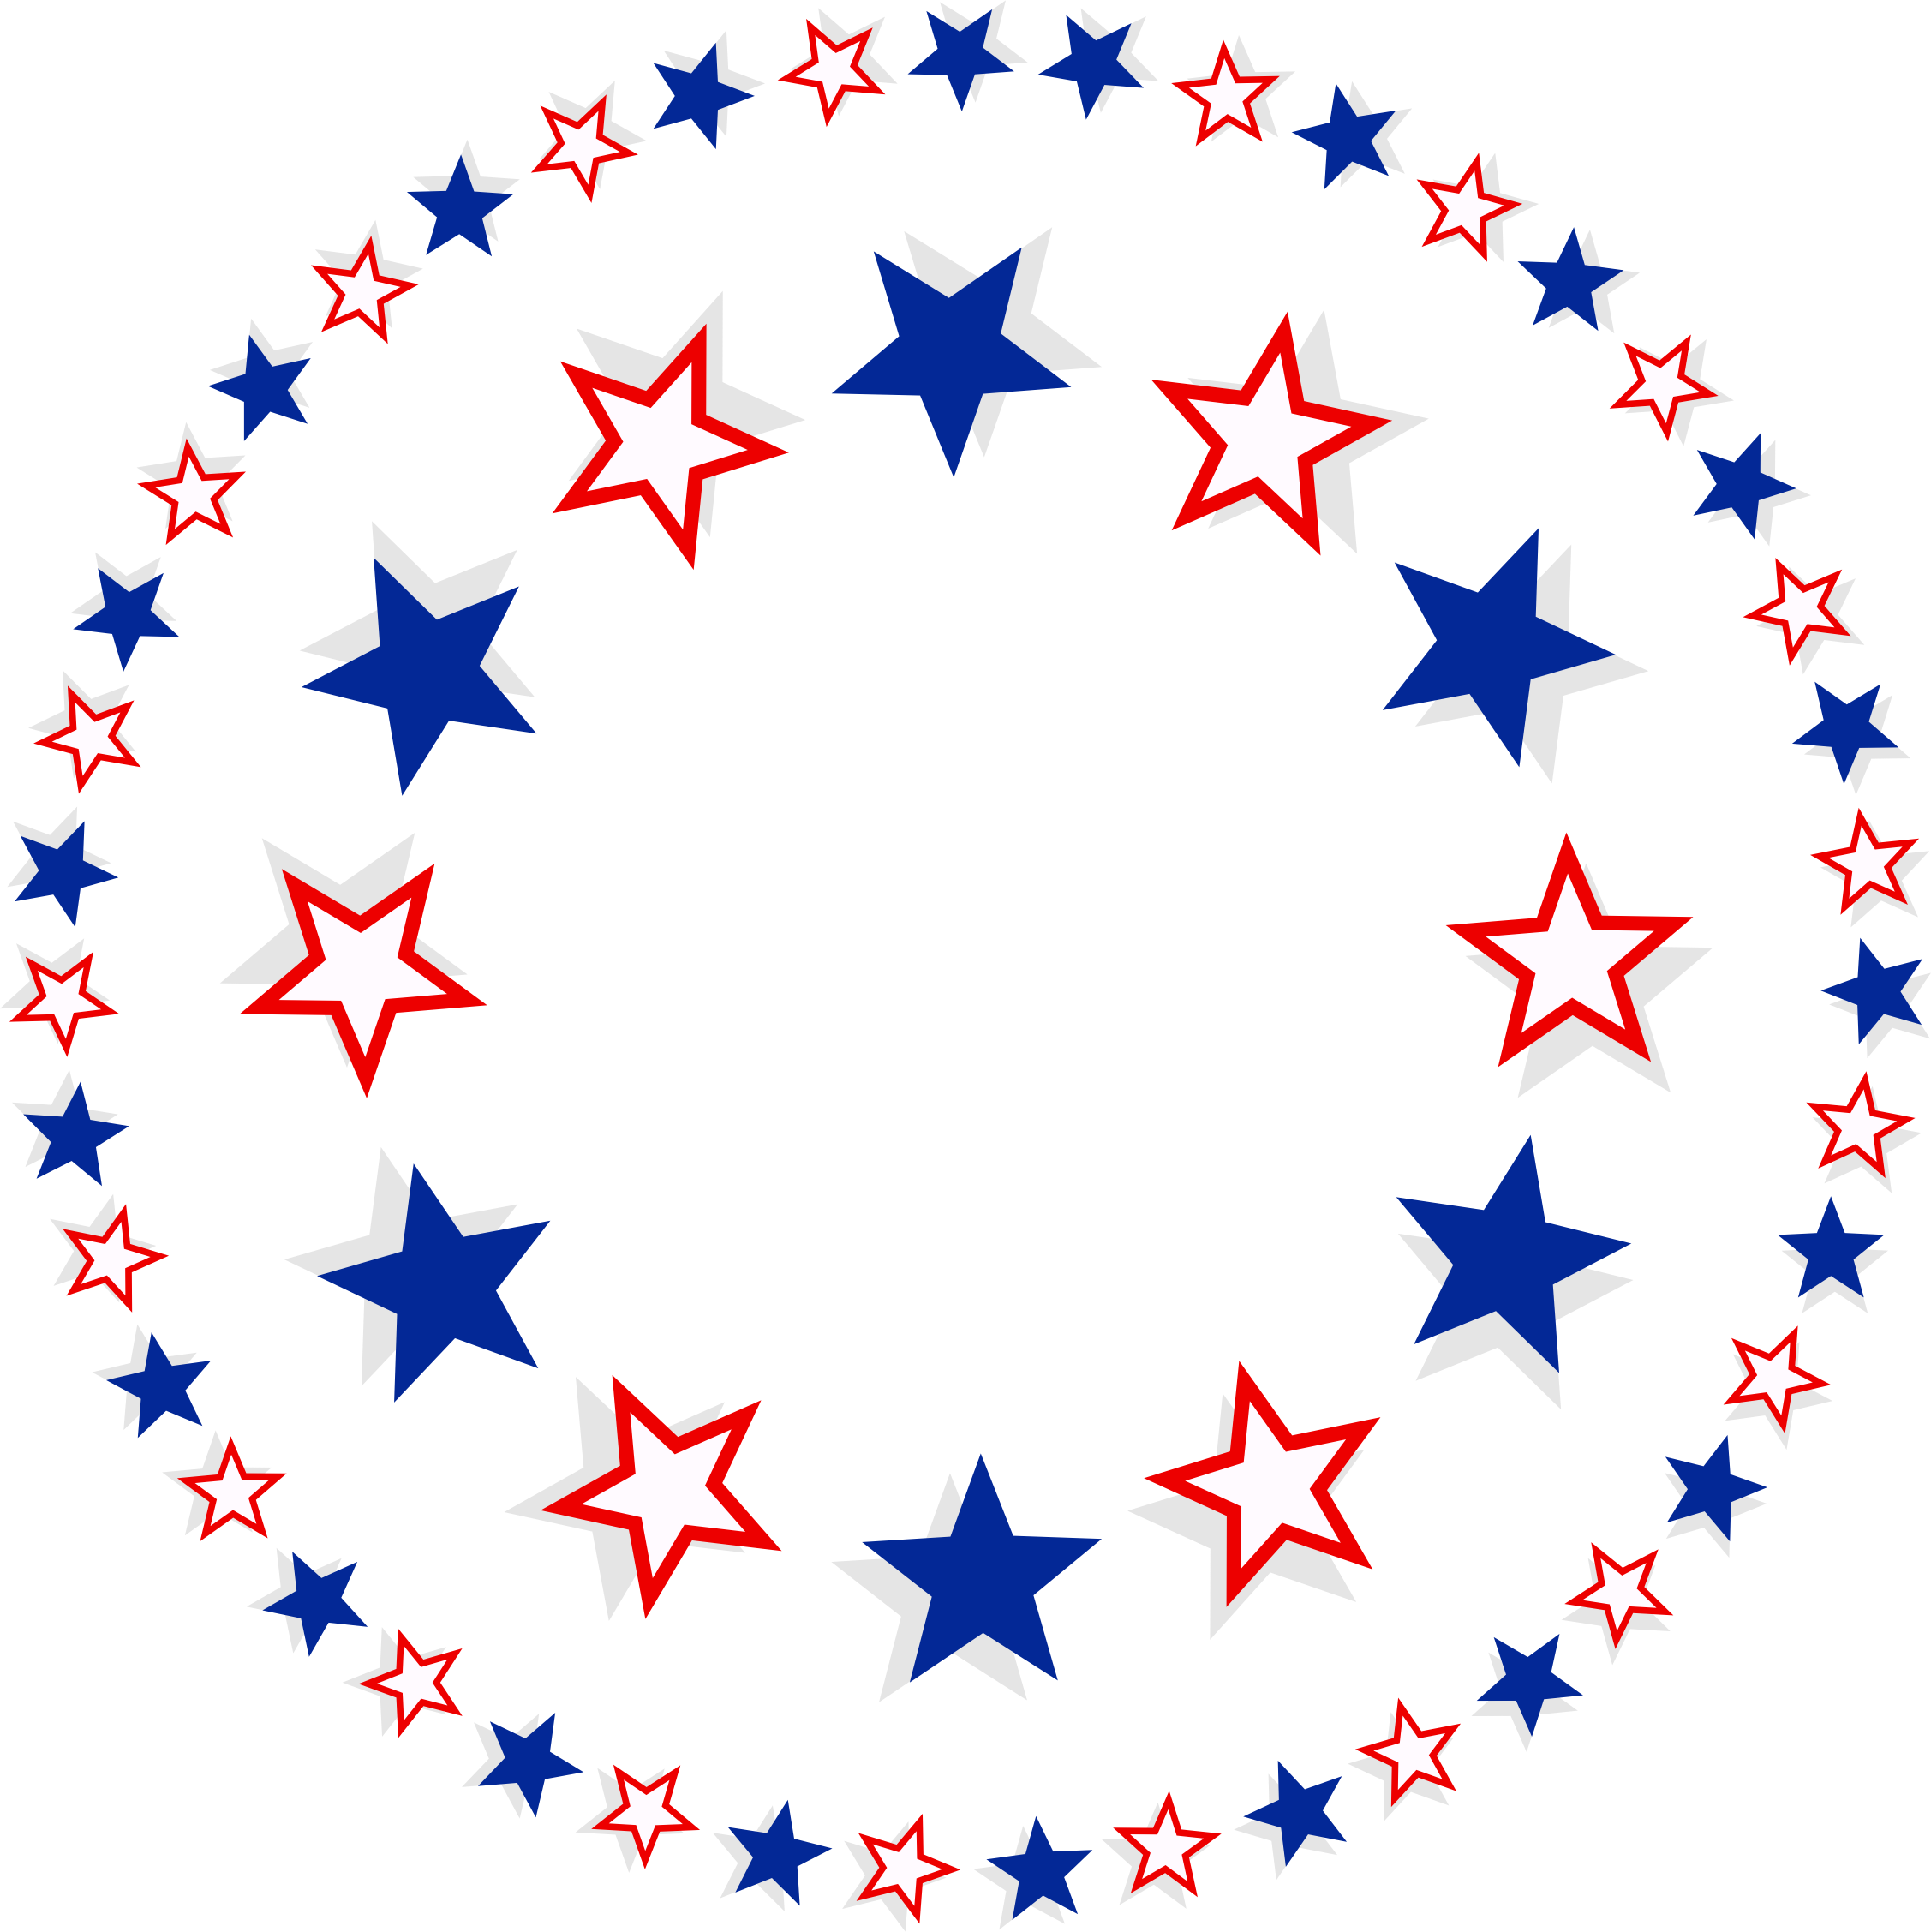 2254x2255 Clipart Patriotic Stars